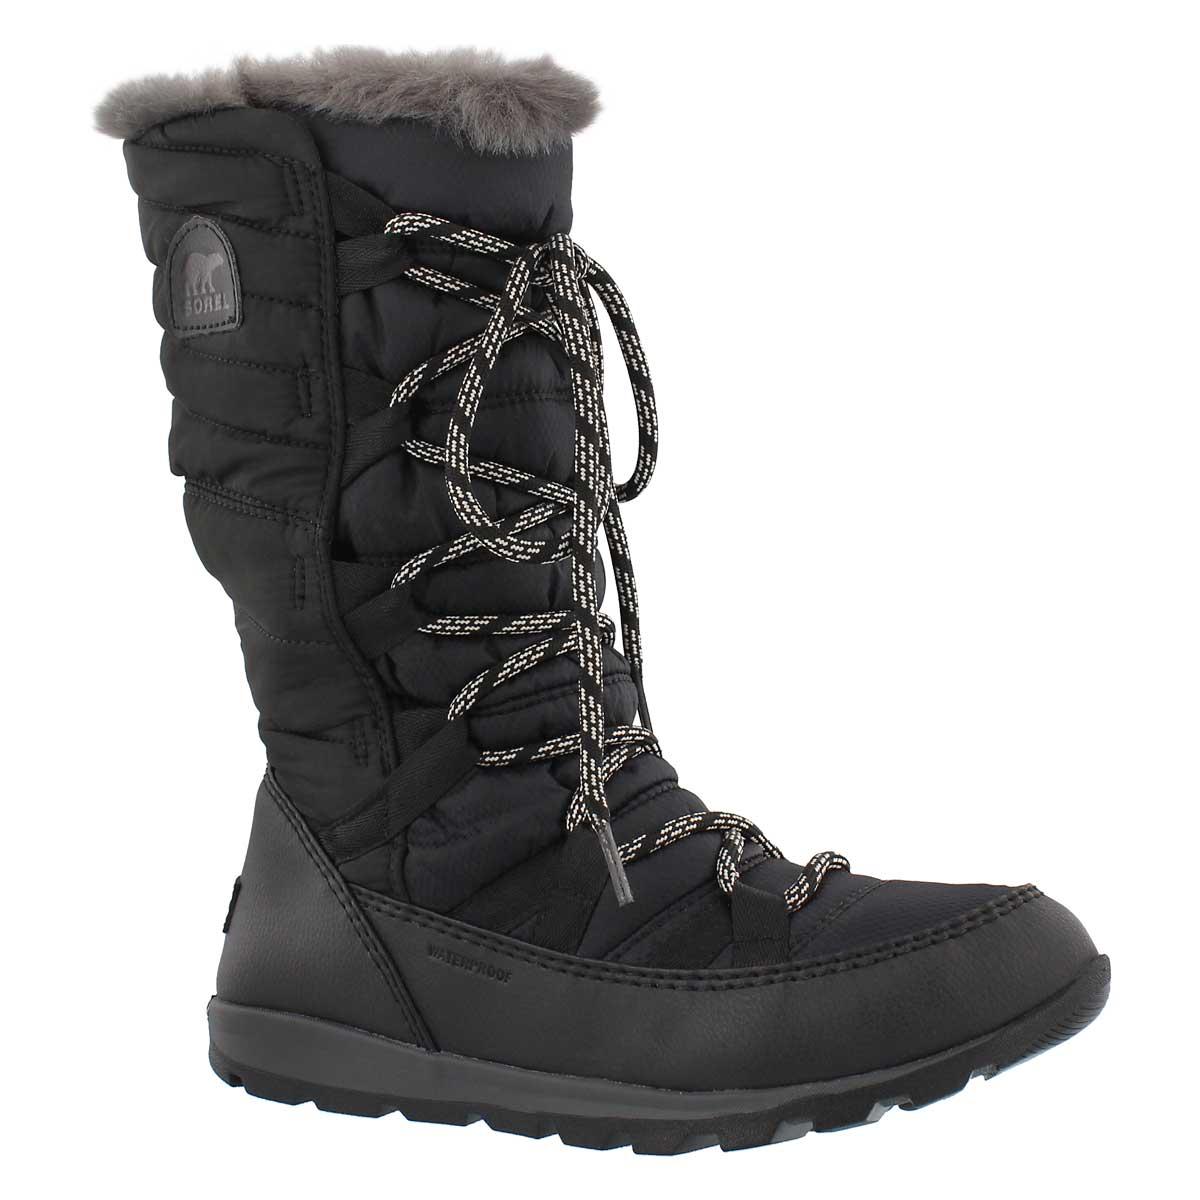 Women's WHITNEY LACE black waterproof winter boots